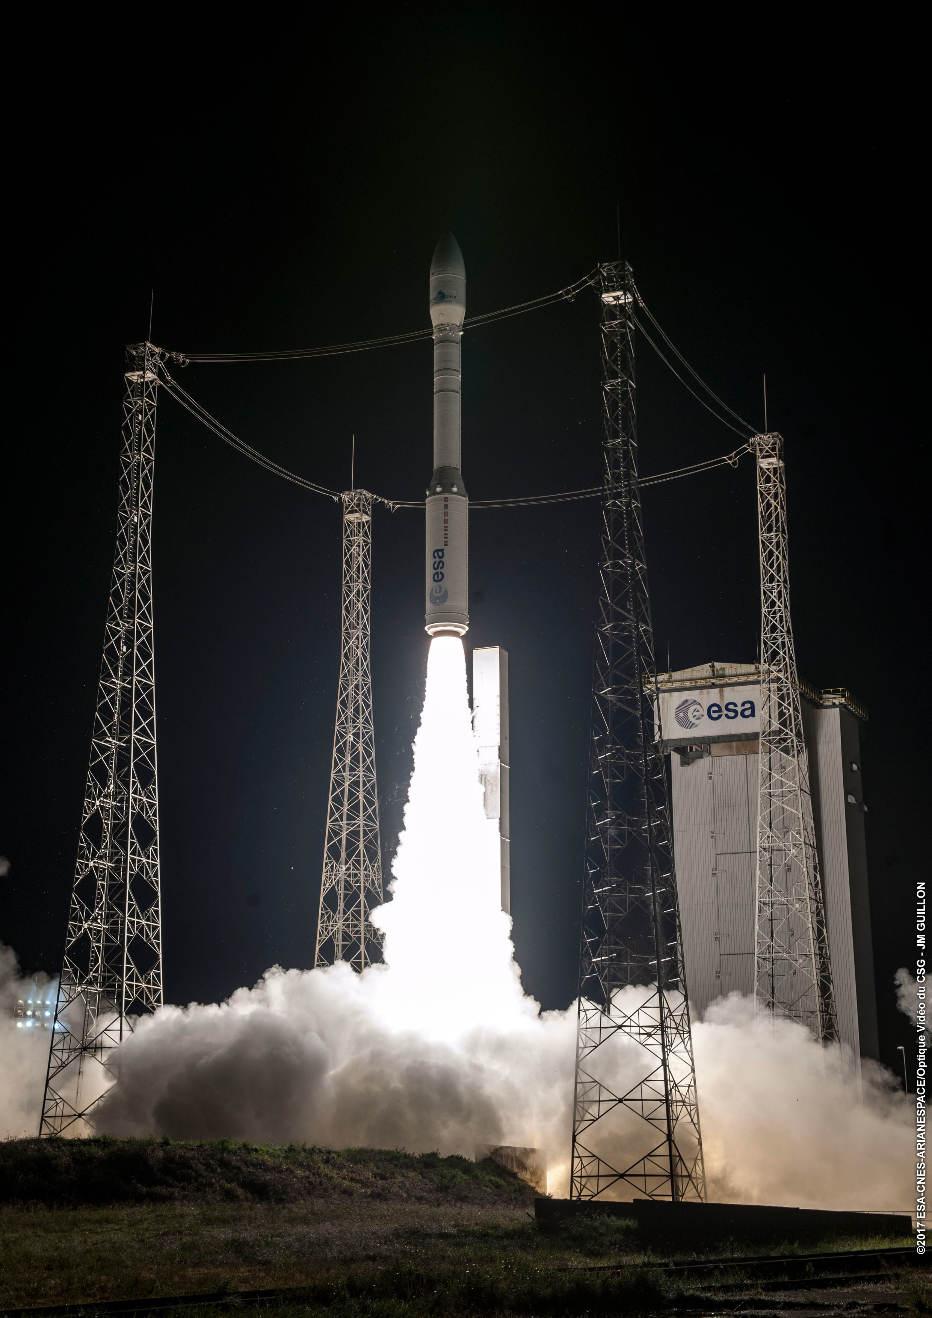 Vega orbits Mohammed VI-A satellite